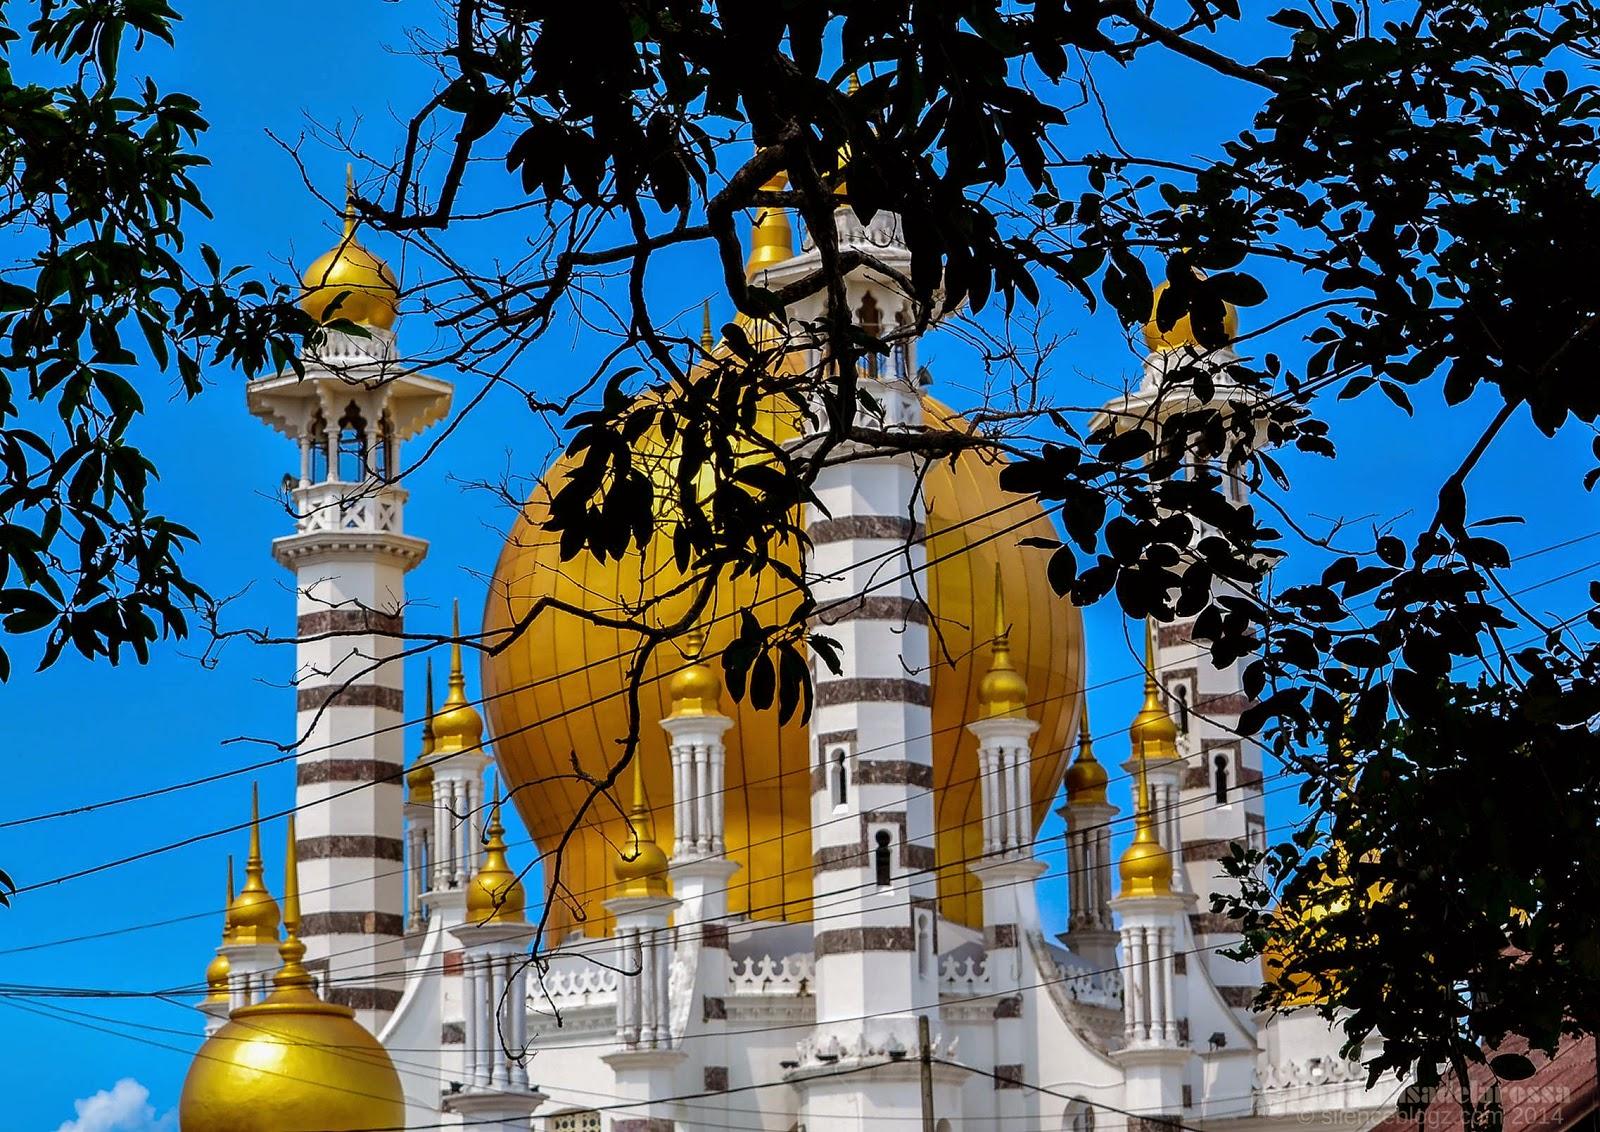 Gambar Masjid Ubudiah Terindah Malaysia